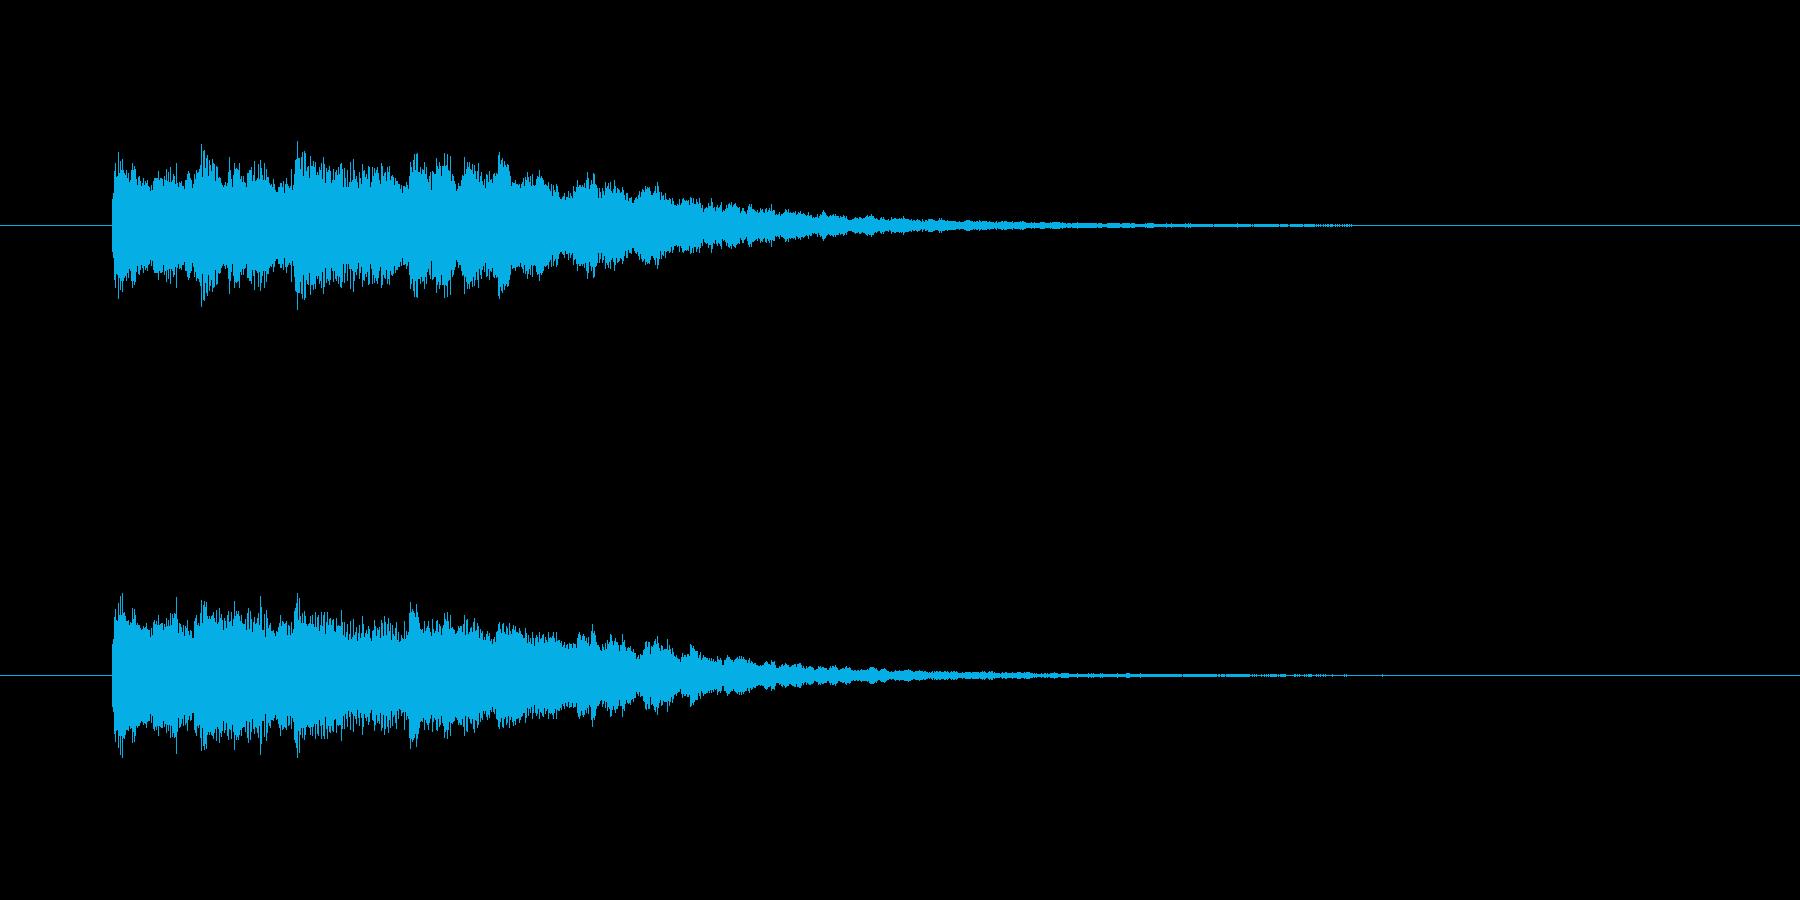 フォンファン(透明感のある音、起動音)の再生済みの波形